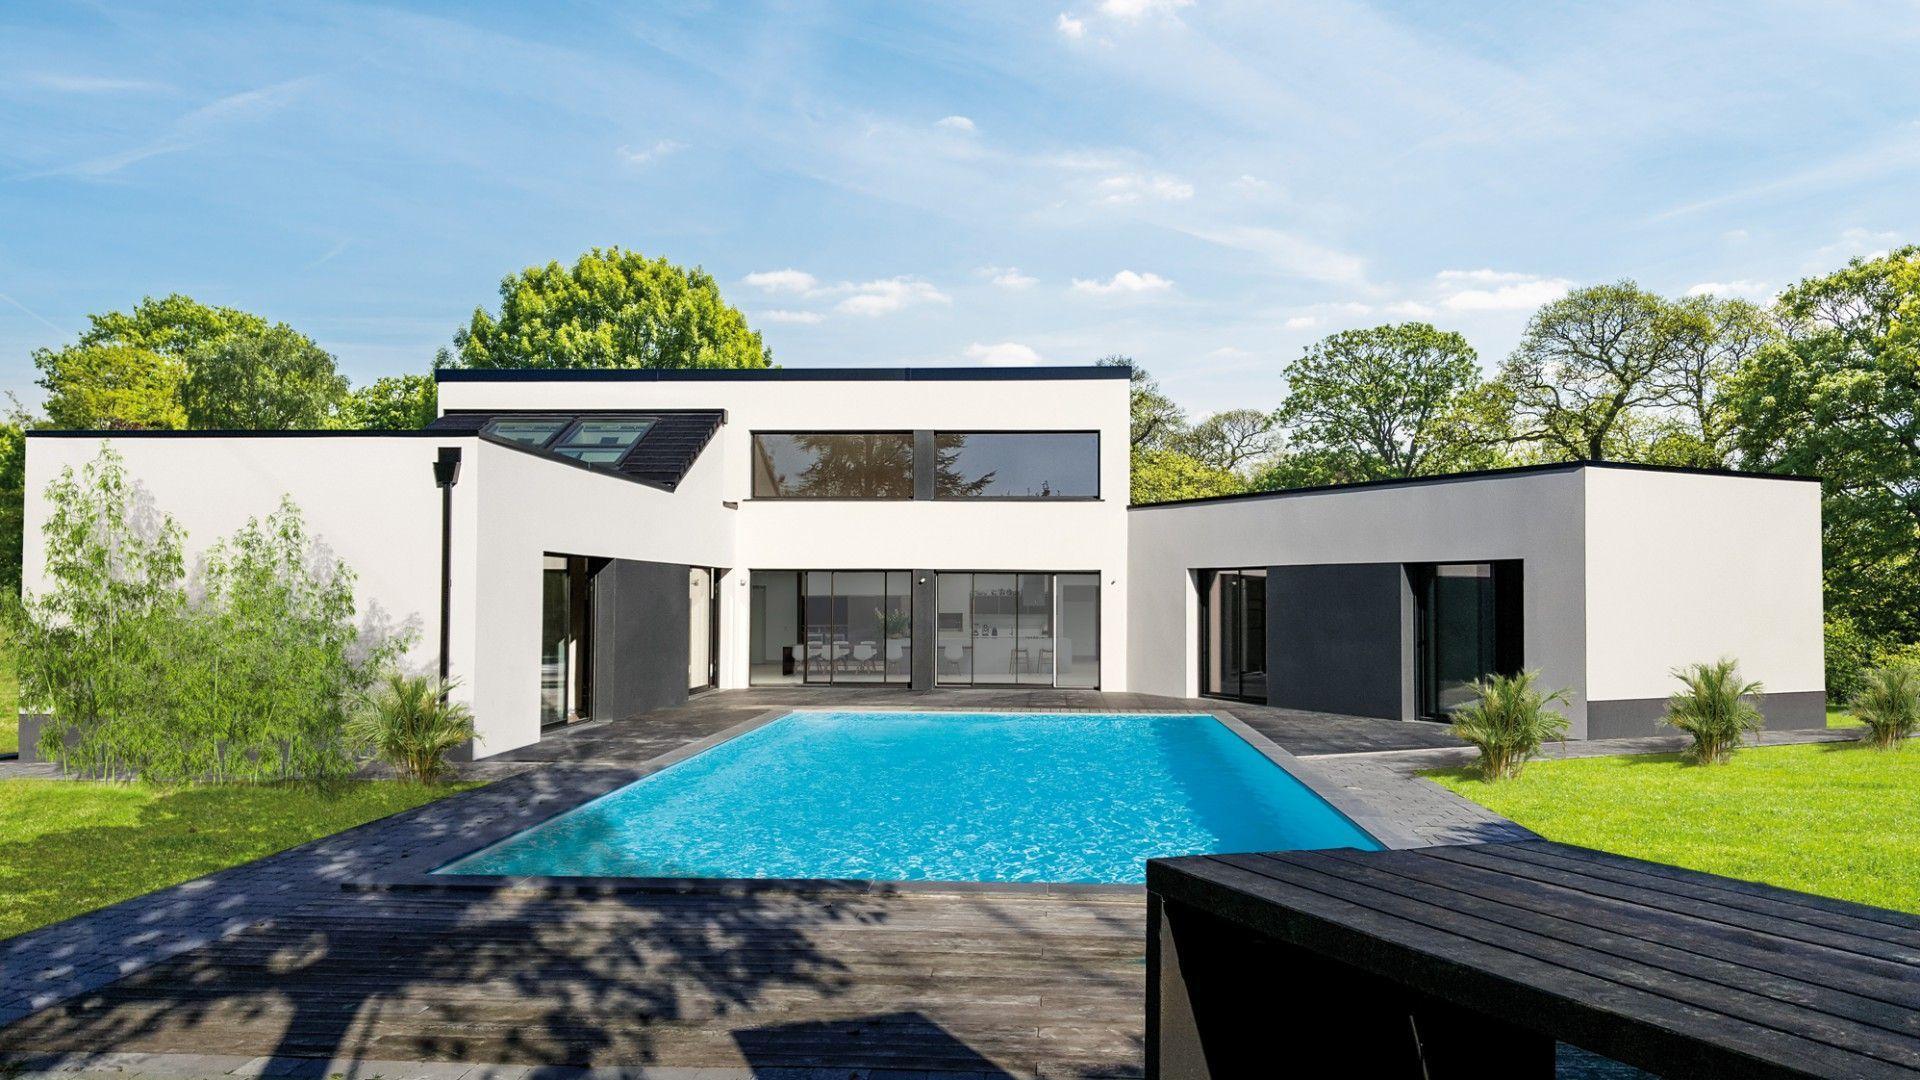 Maisons Du Nord • constructeur maison neuve Nord-Pas-de-Calais